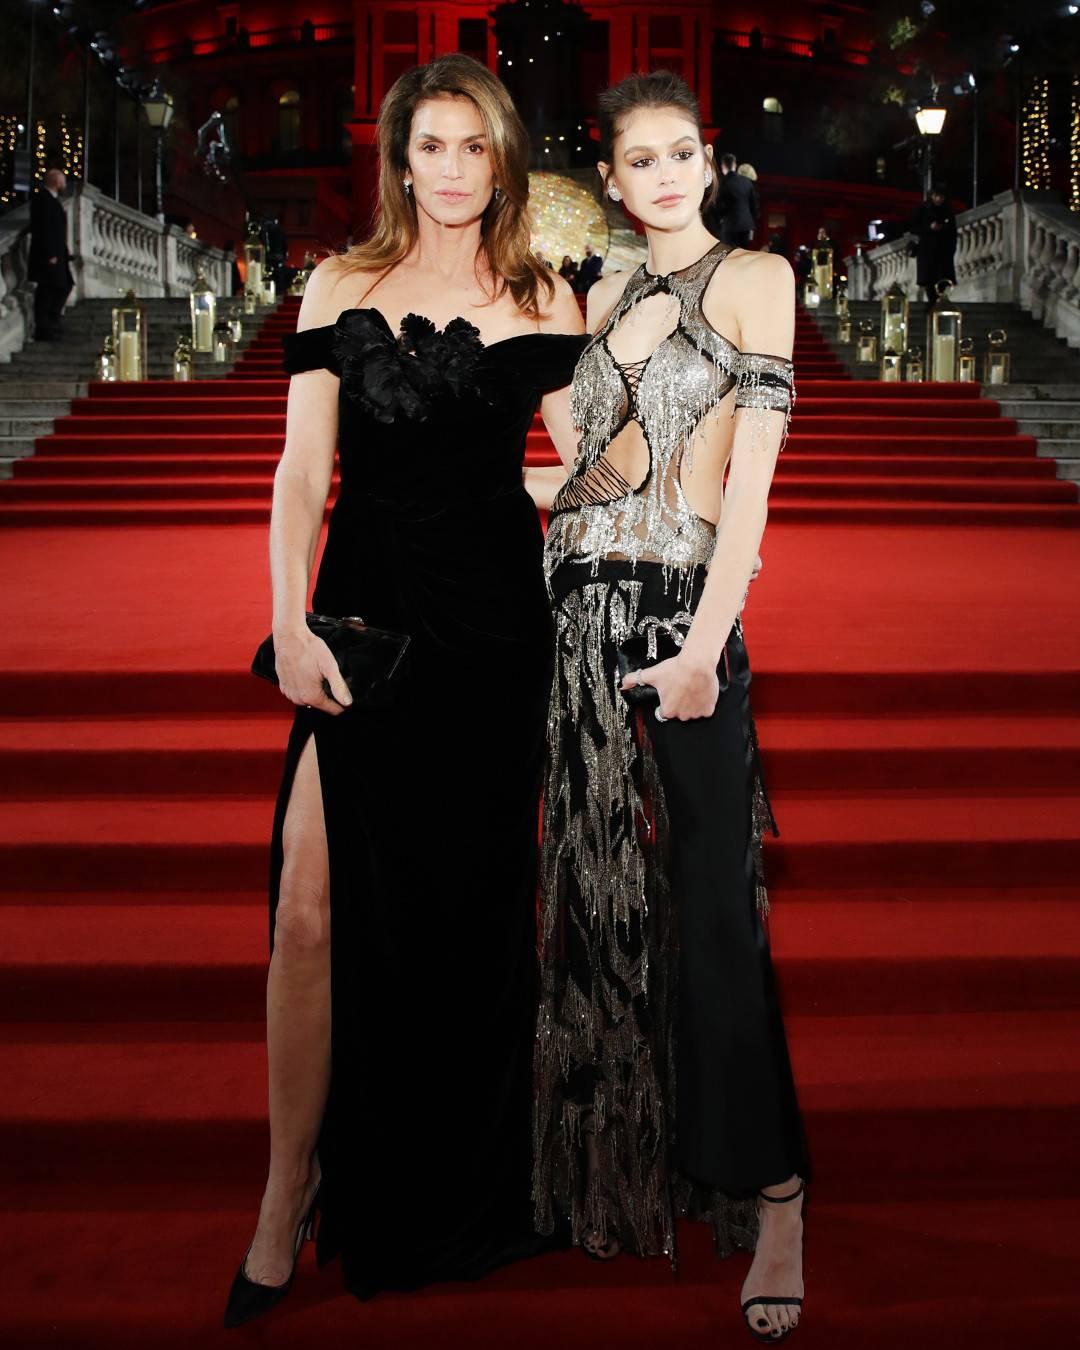 phong cách thời trang thảm đỏ Cindy Crawford và Kaia Gerber